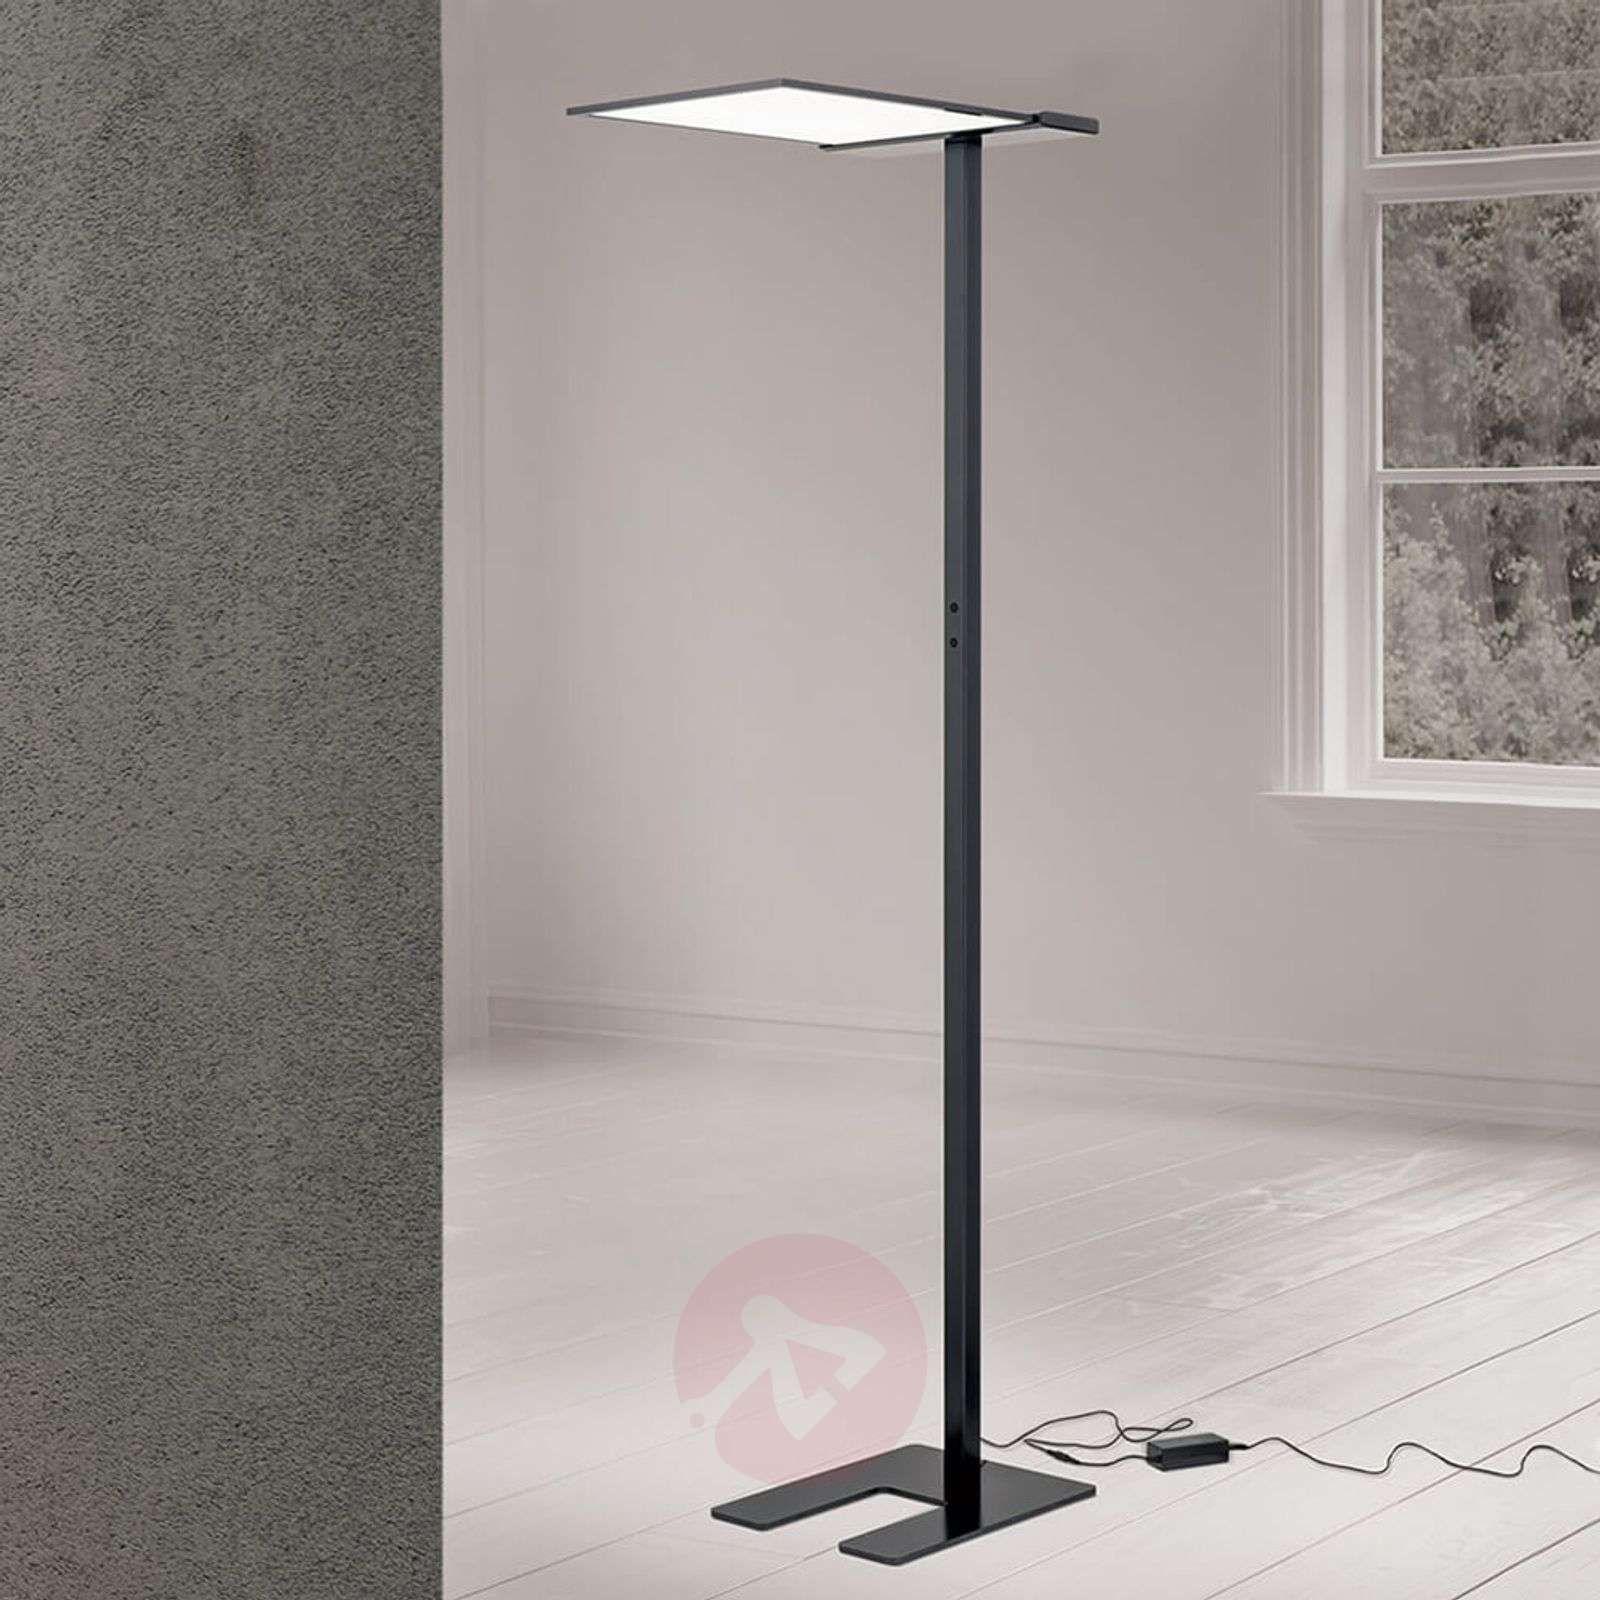 Biurowa Lampa Stojąca Led Primo ściemniacz Lampy Stojące